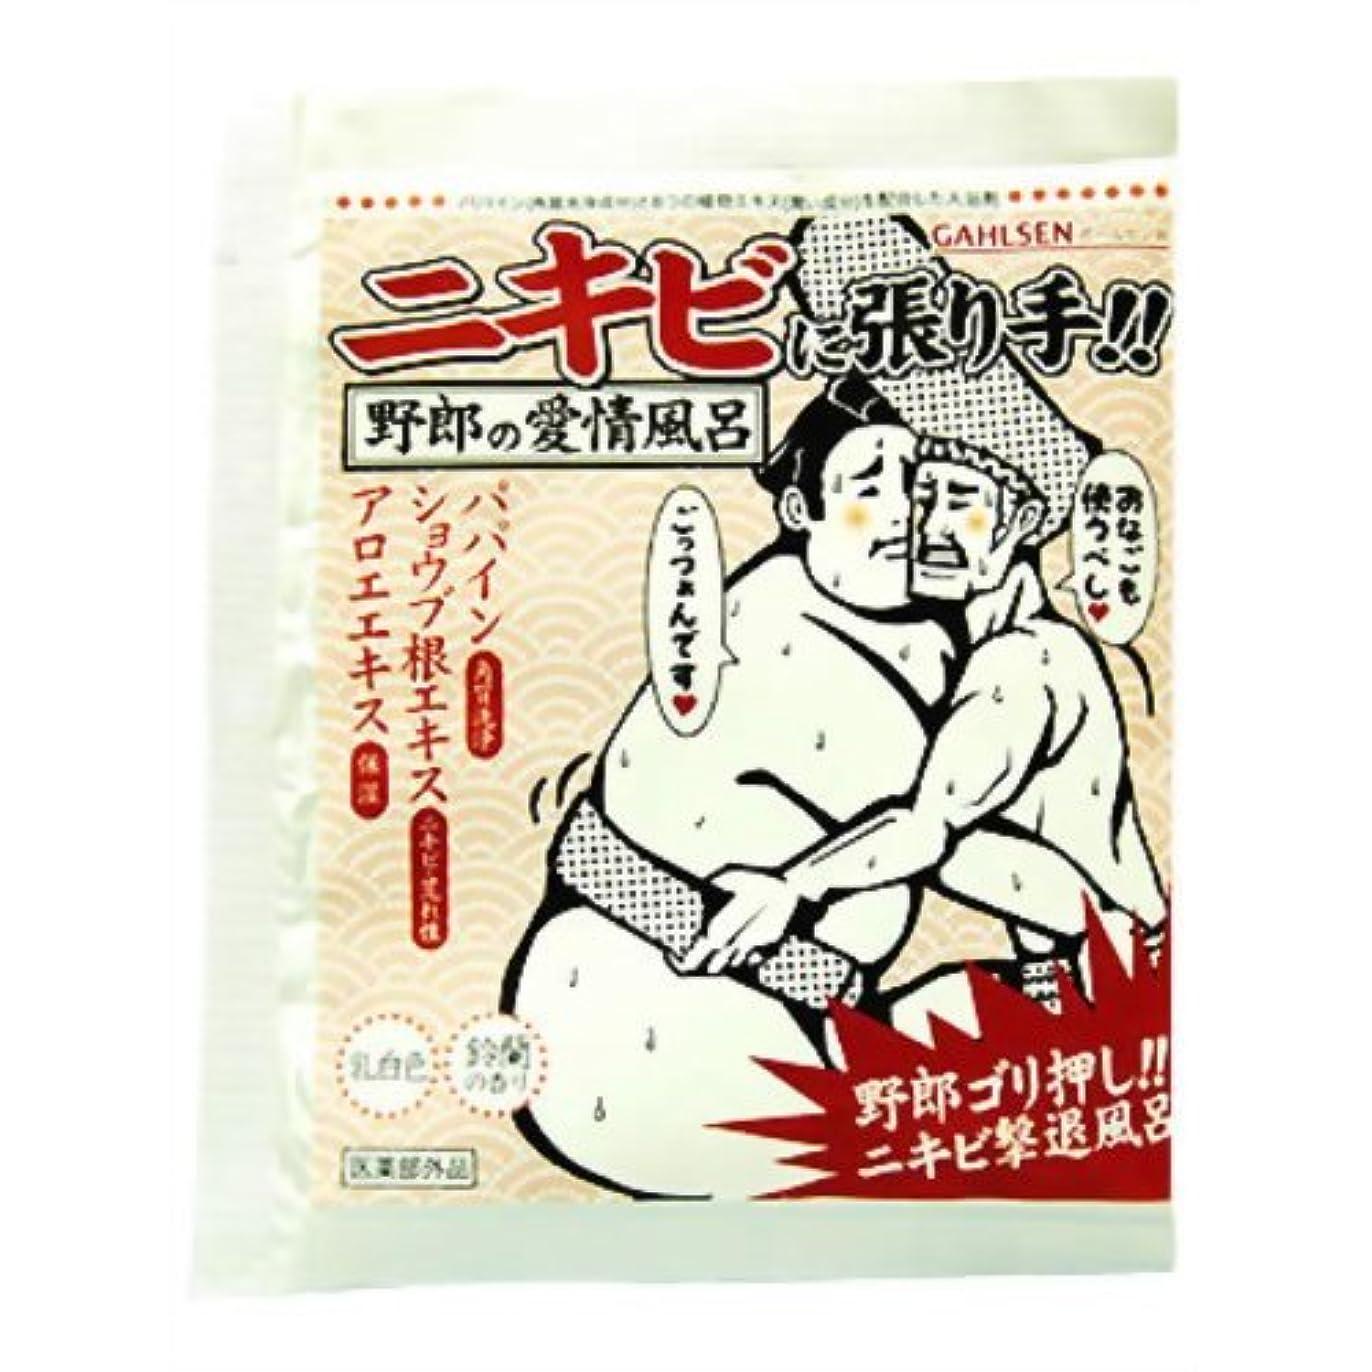 実装する不器用テセウスガールセンW 25g*10袋(入浴剤)